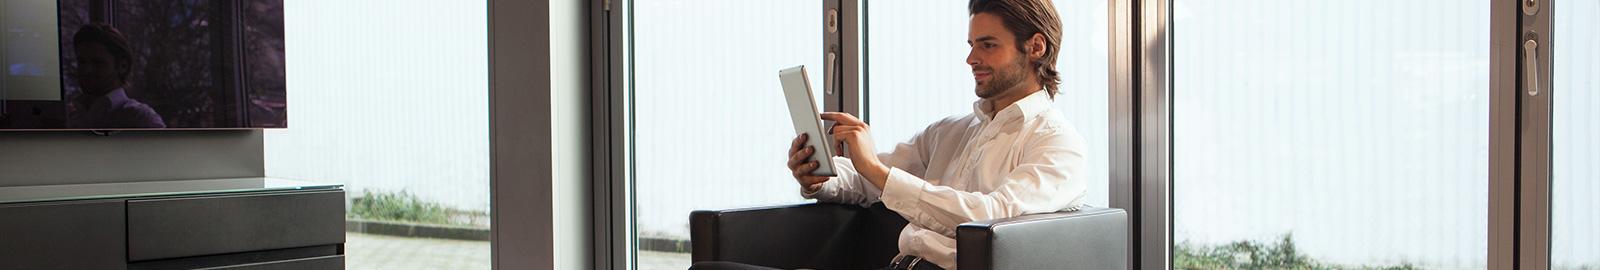 Unternehmensleitfaden Social Media